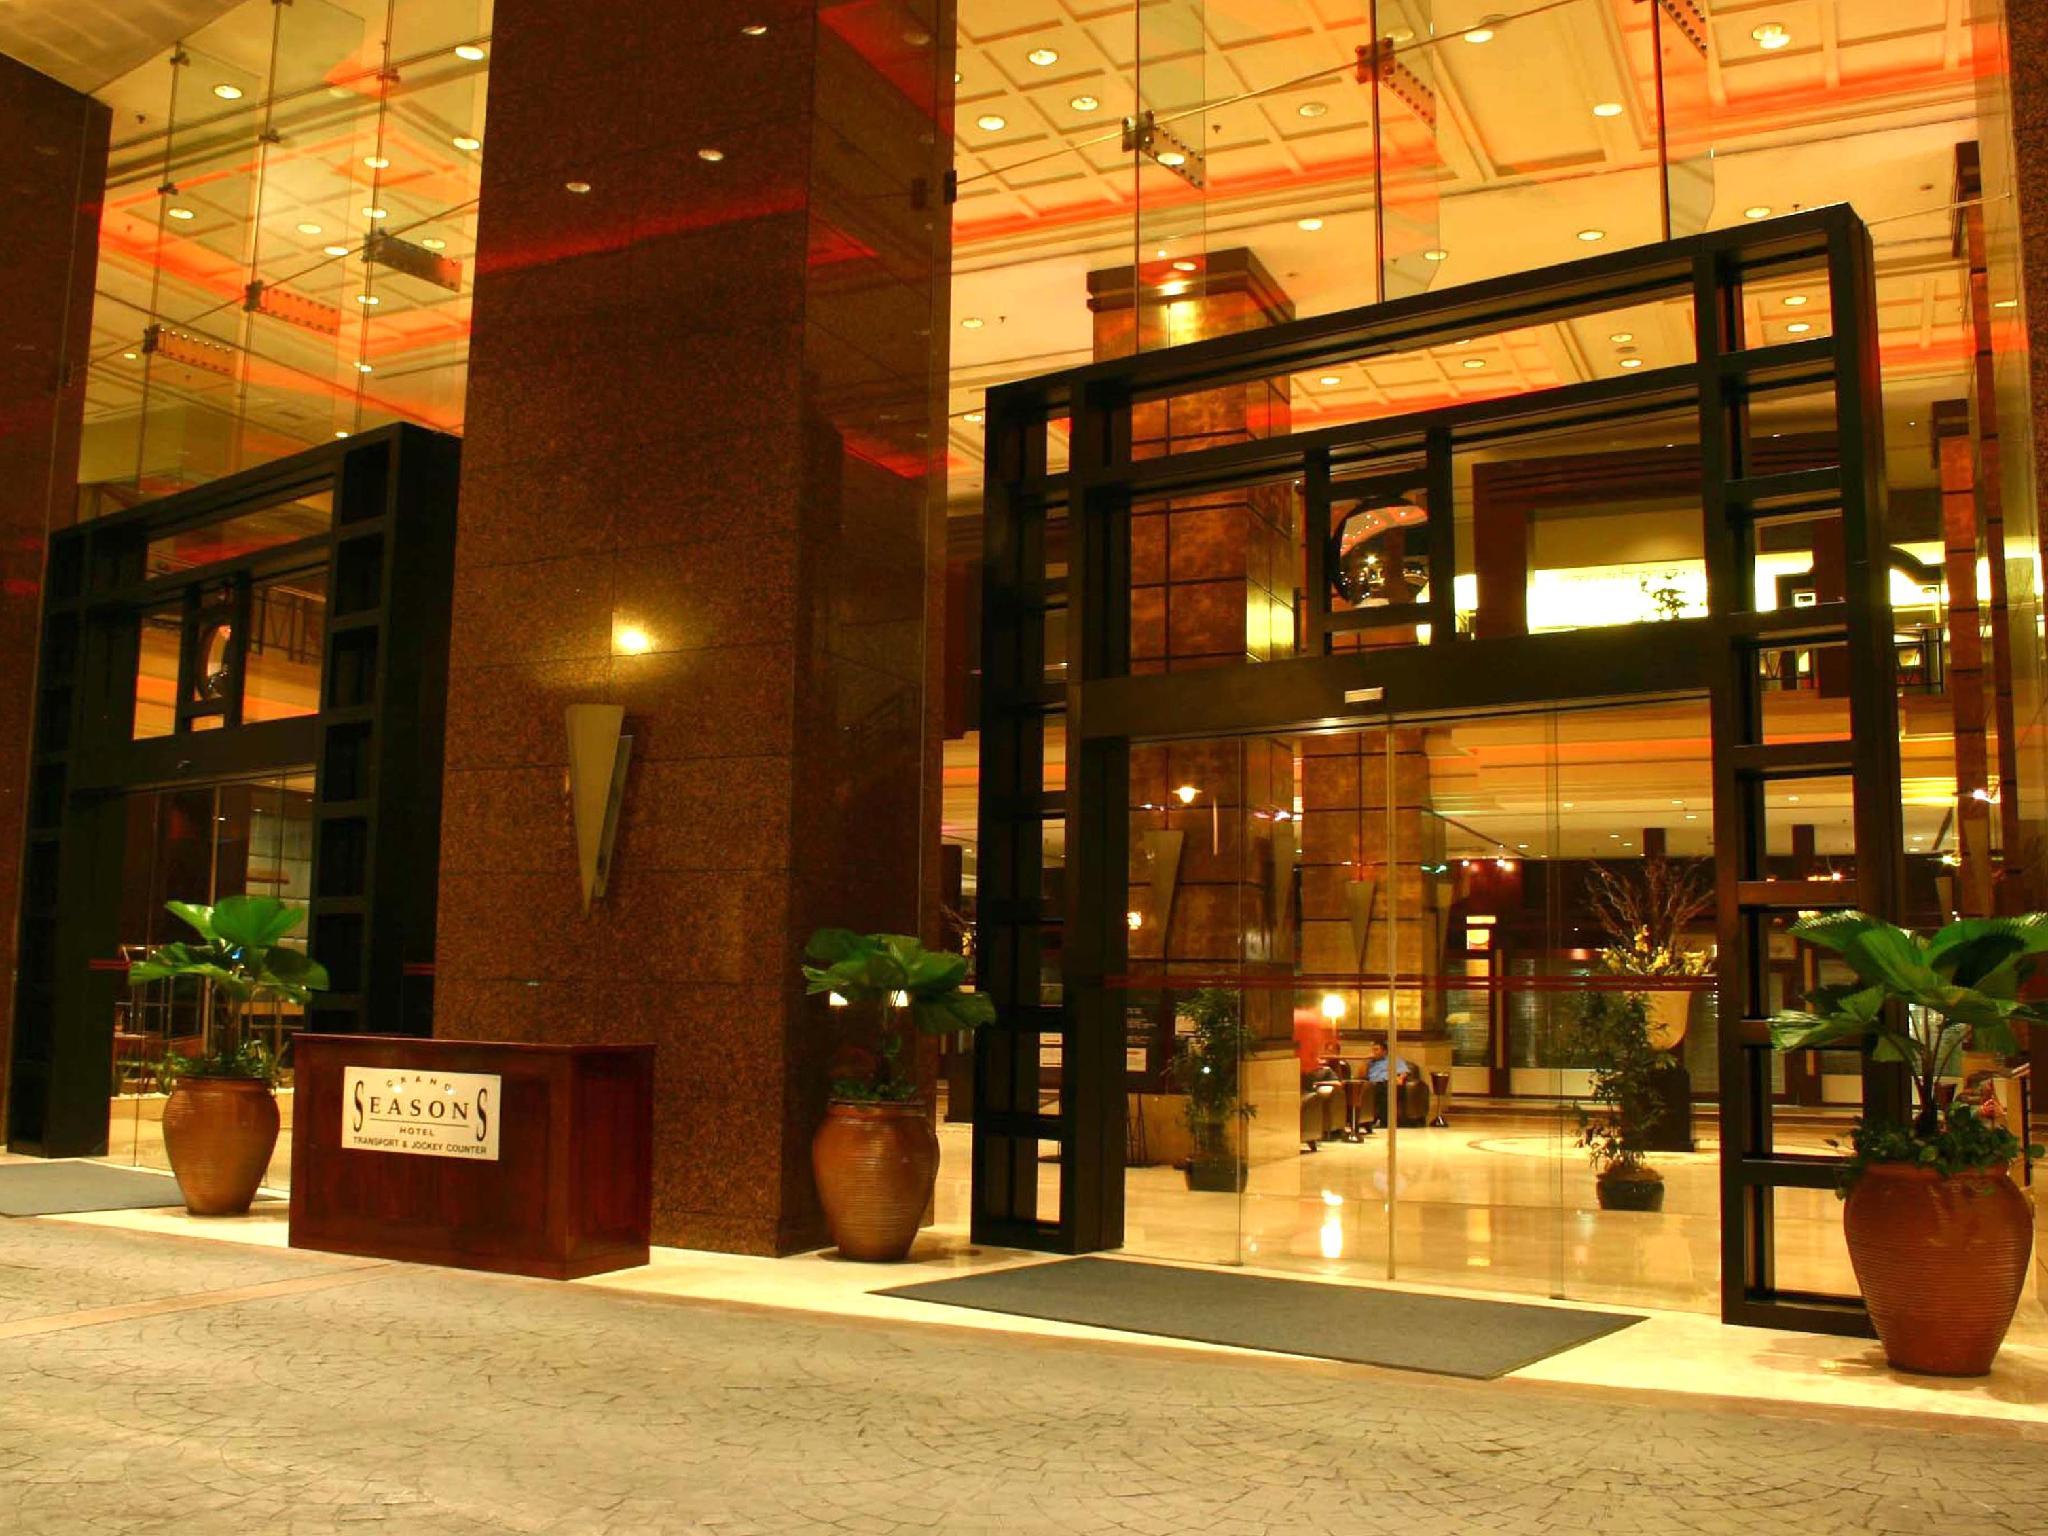 Hotel Murah Di Chowkit Putra Wtc Kuala Lumpur